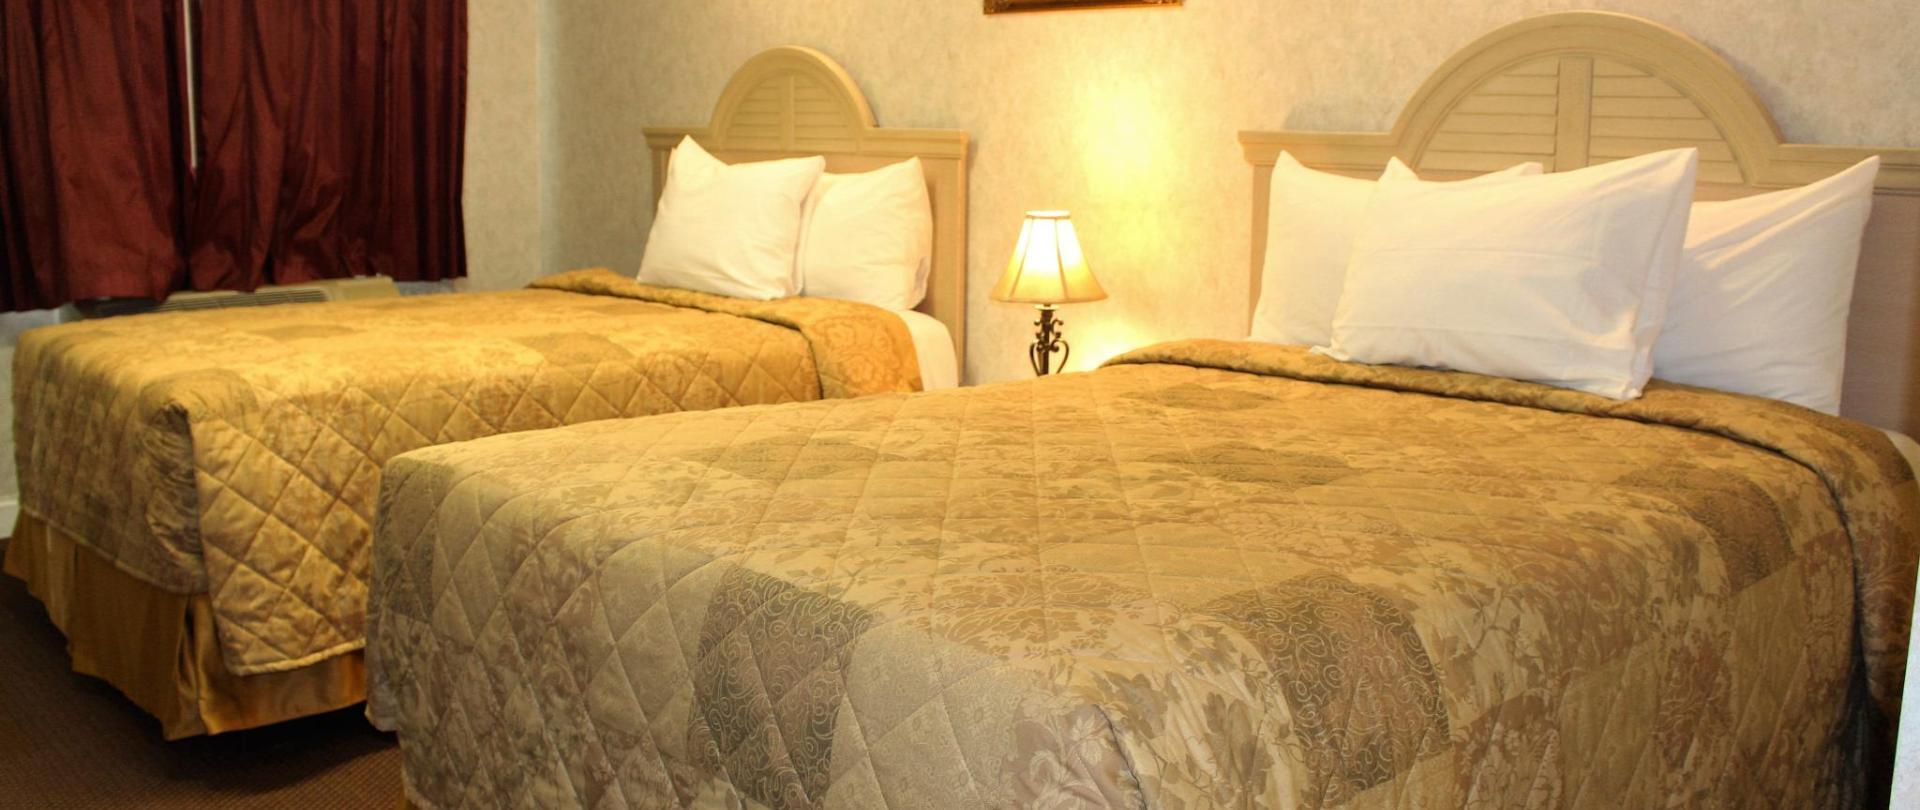 Deluxe Double Bed 3.JPG